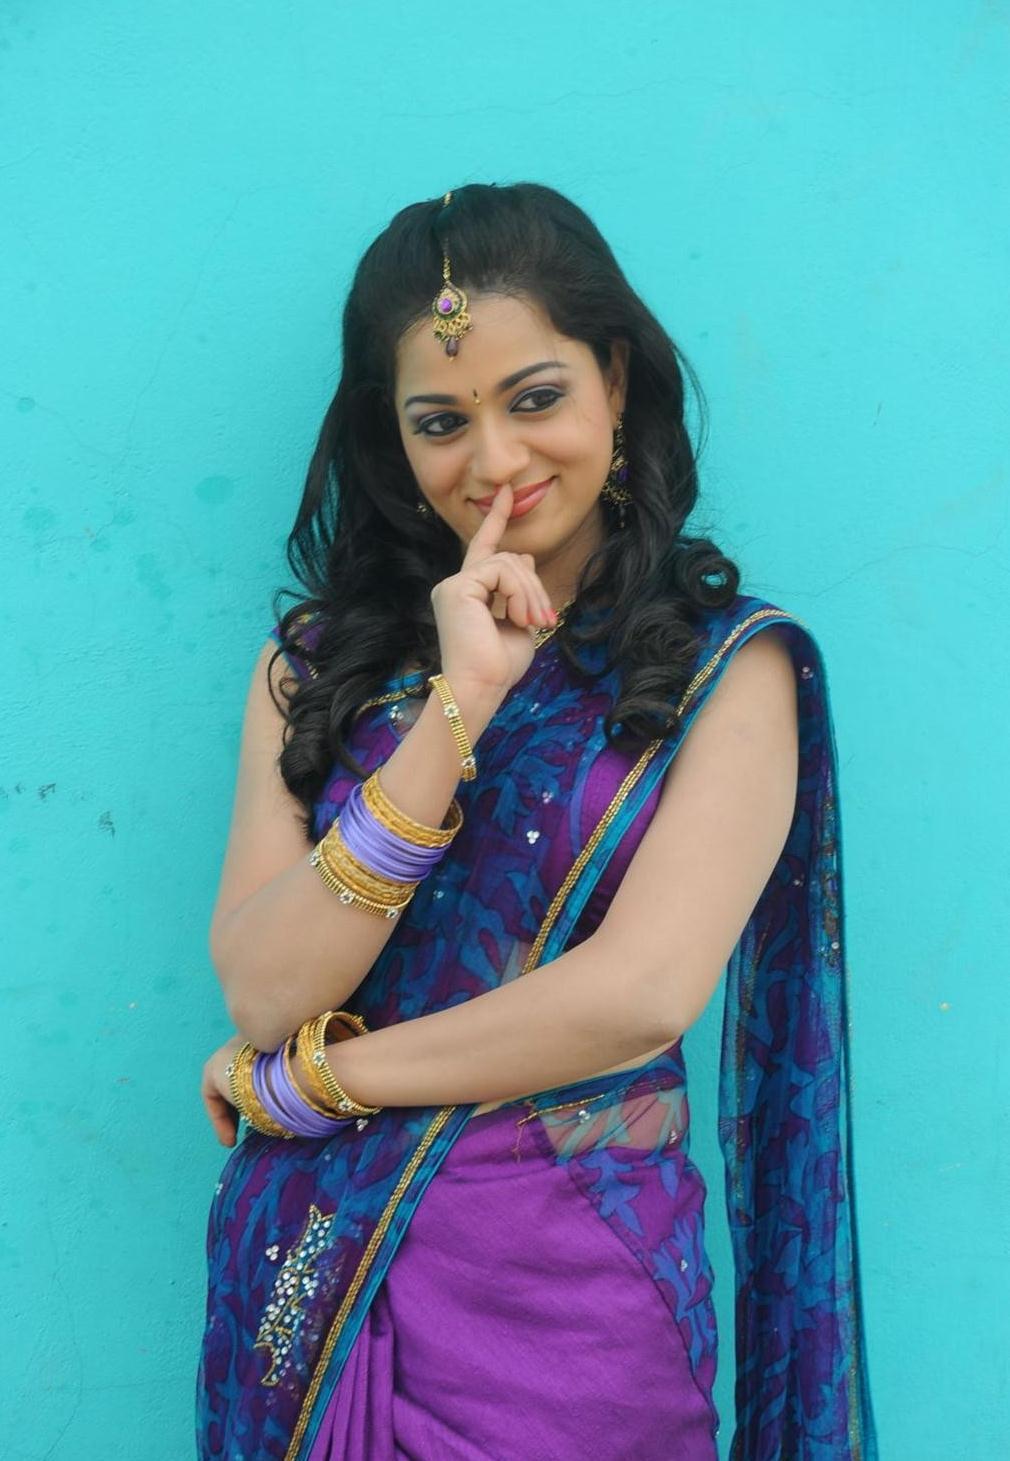 reshma in blue saree